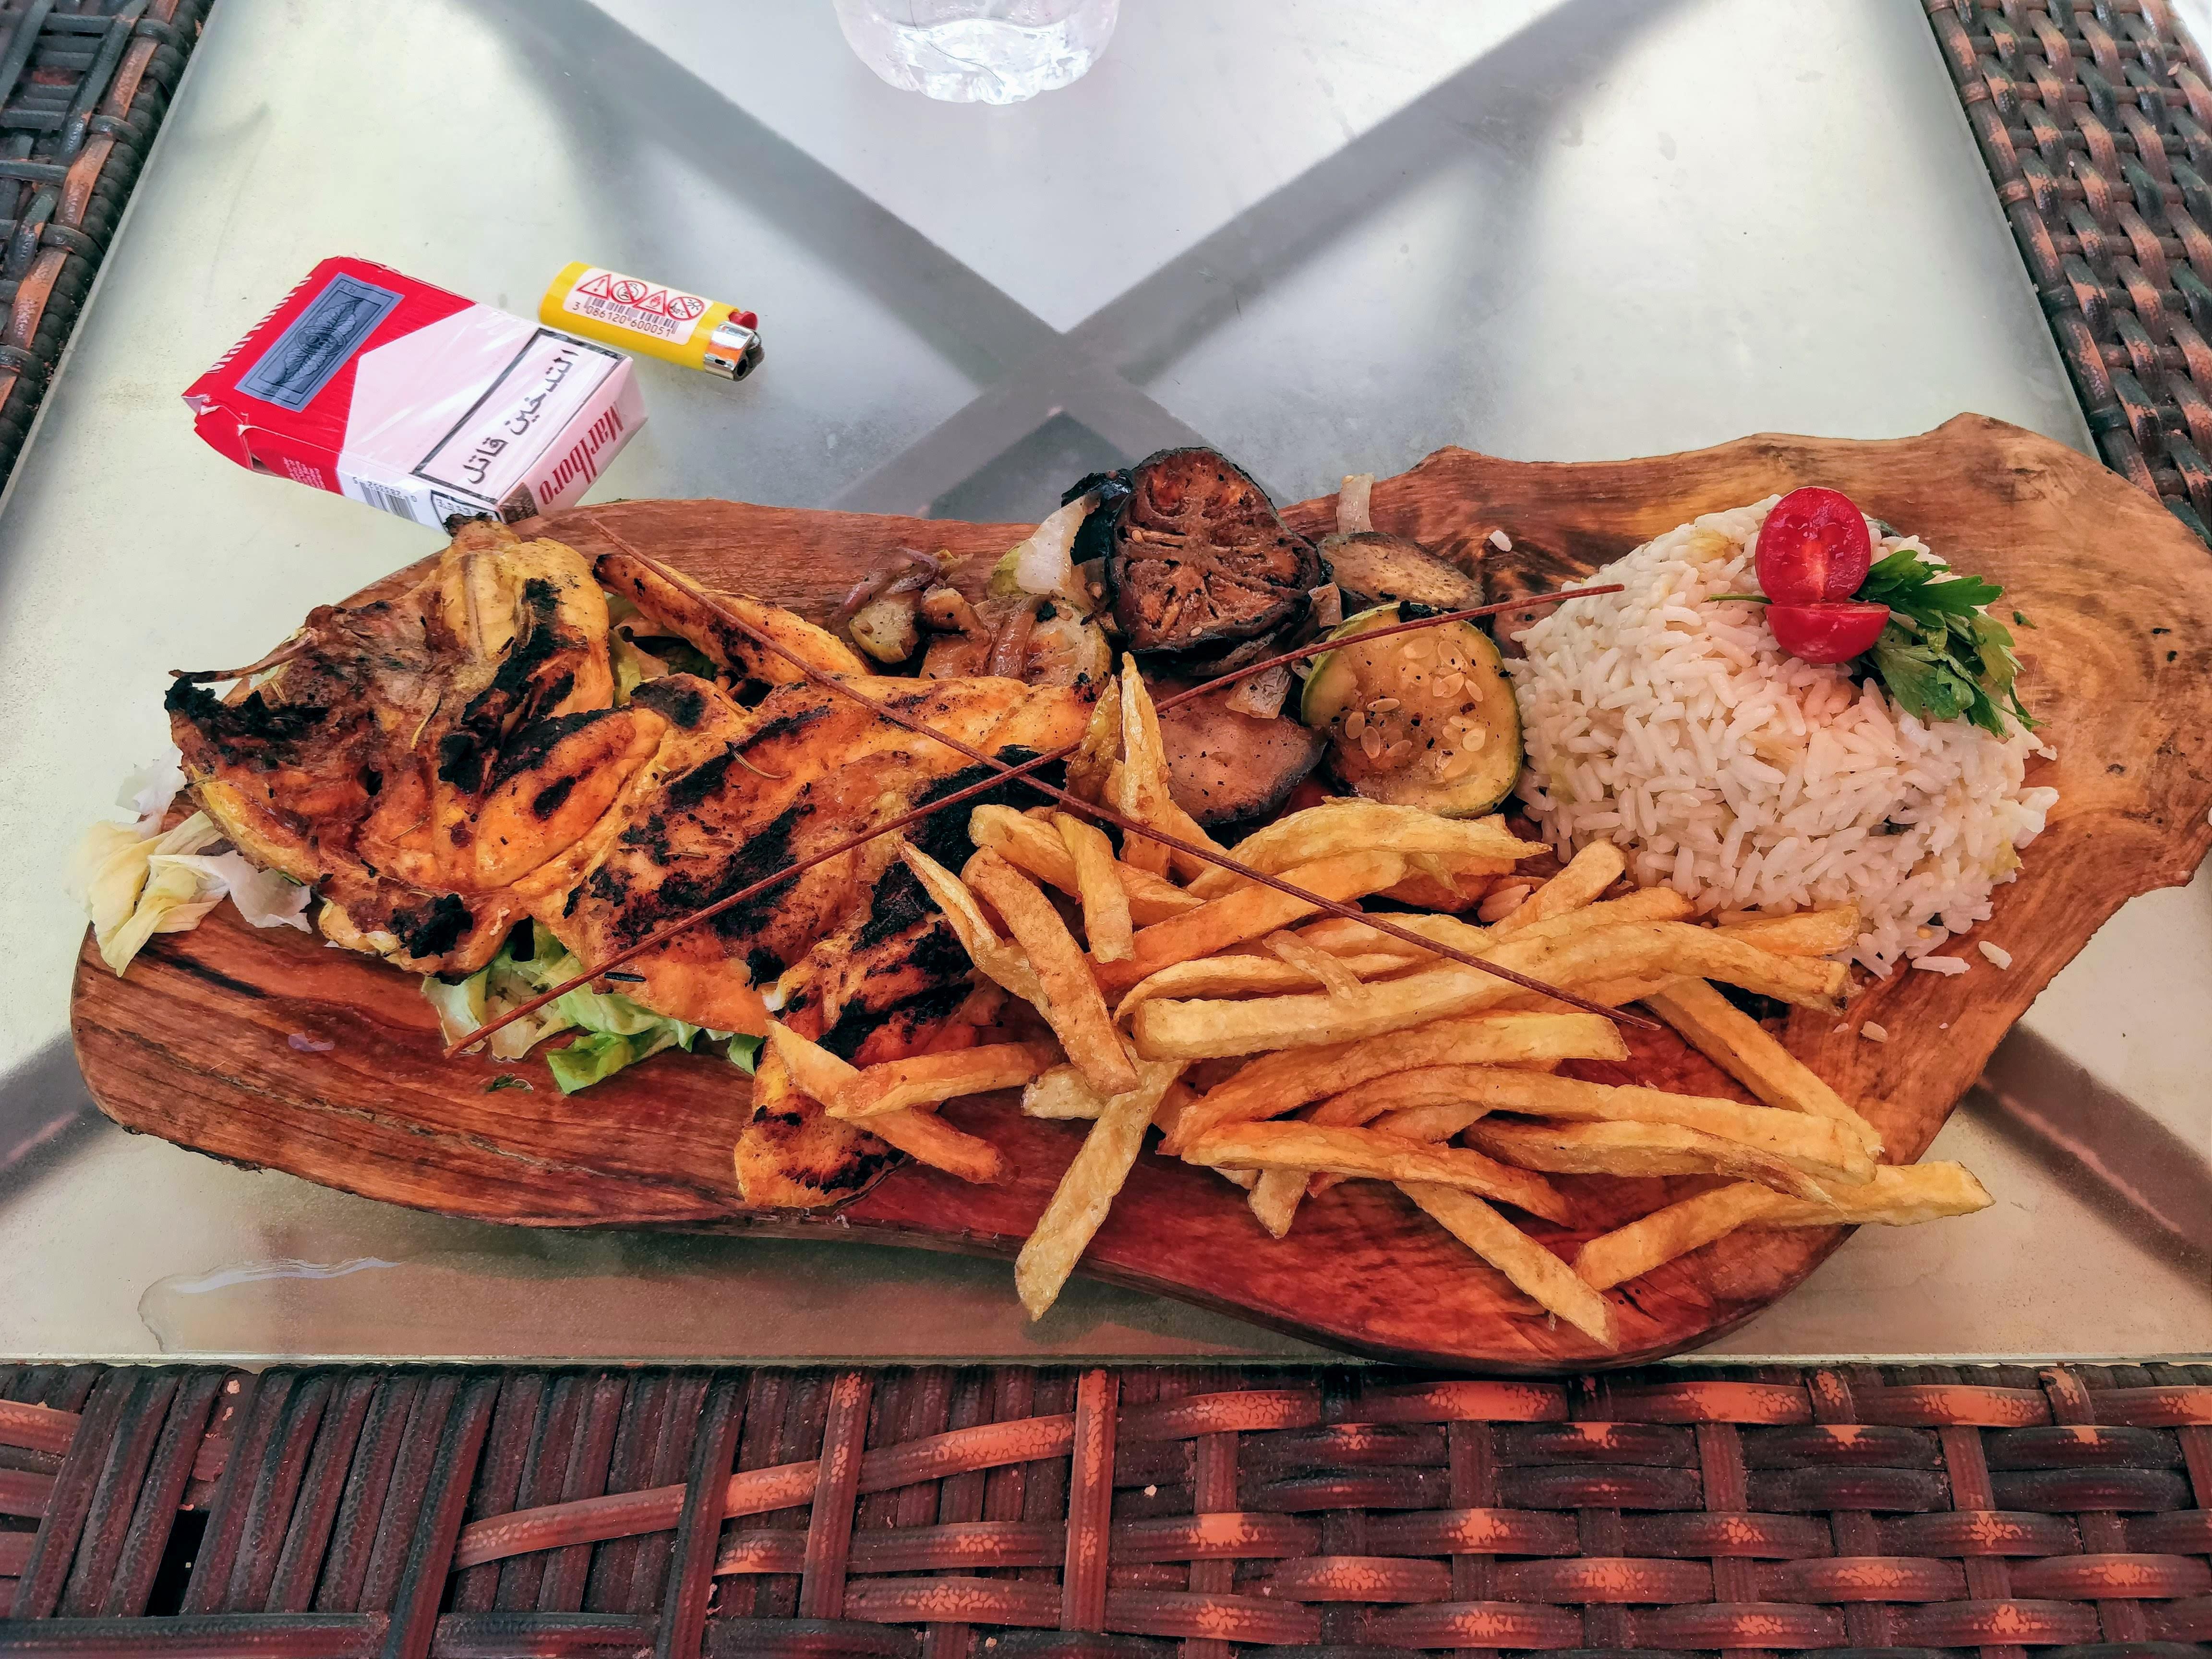 https://foodloader.net/nico_2019-07-14_grilled-chicken-pommes-reis-gemuese.jpg